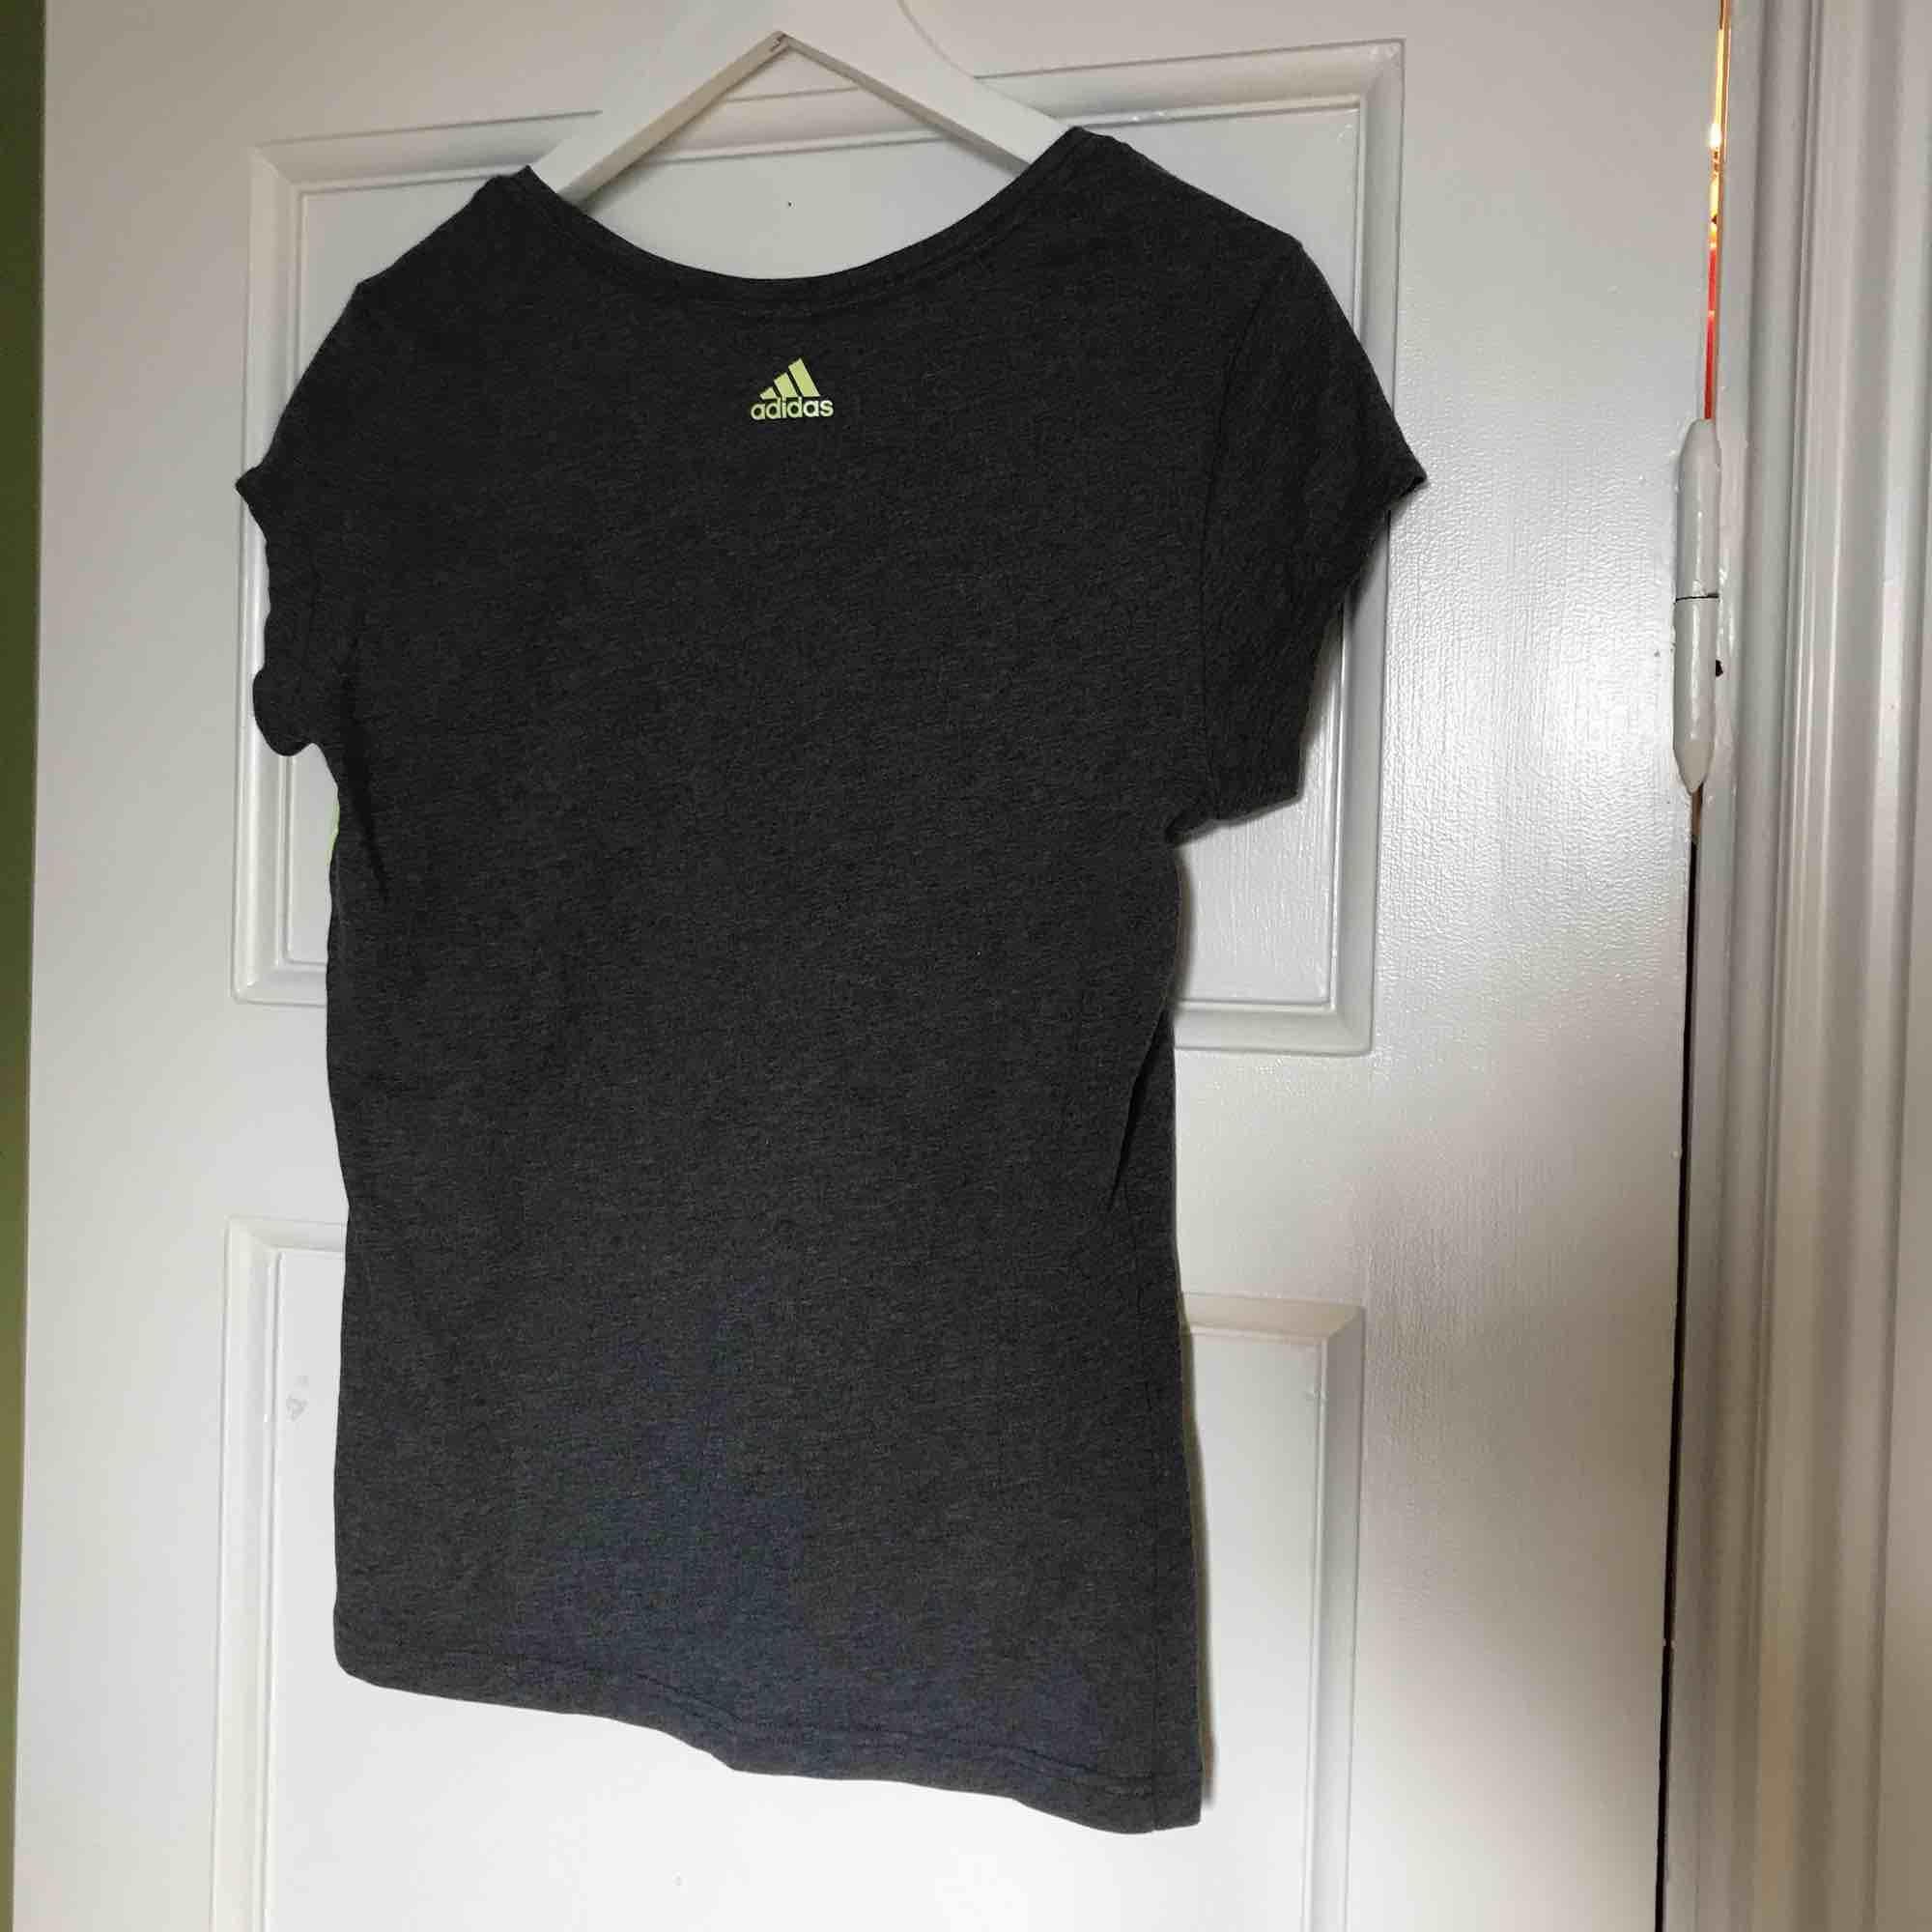 Adidas top i bra skick. Säljer pga att jag växt ur den. 100kr (frakt ingår i priset).. T-shirts.